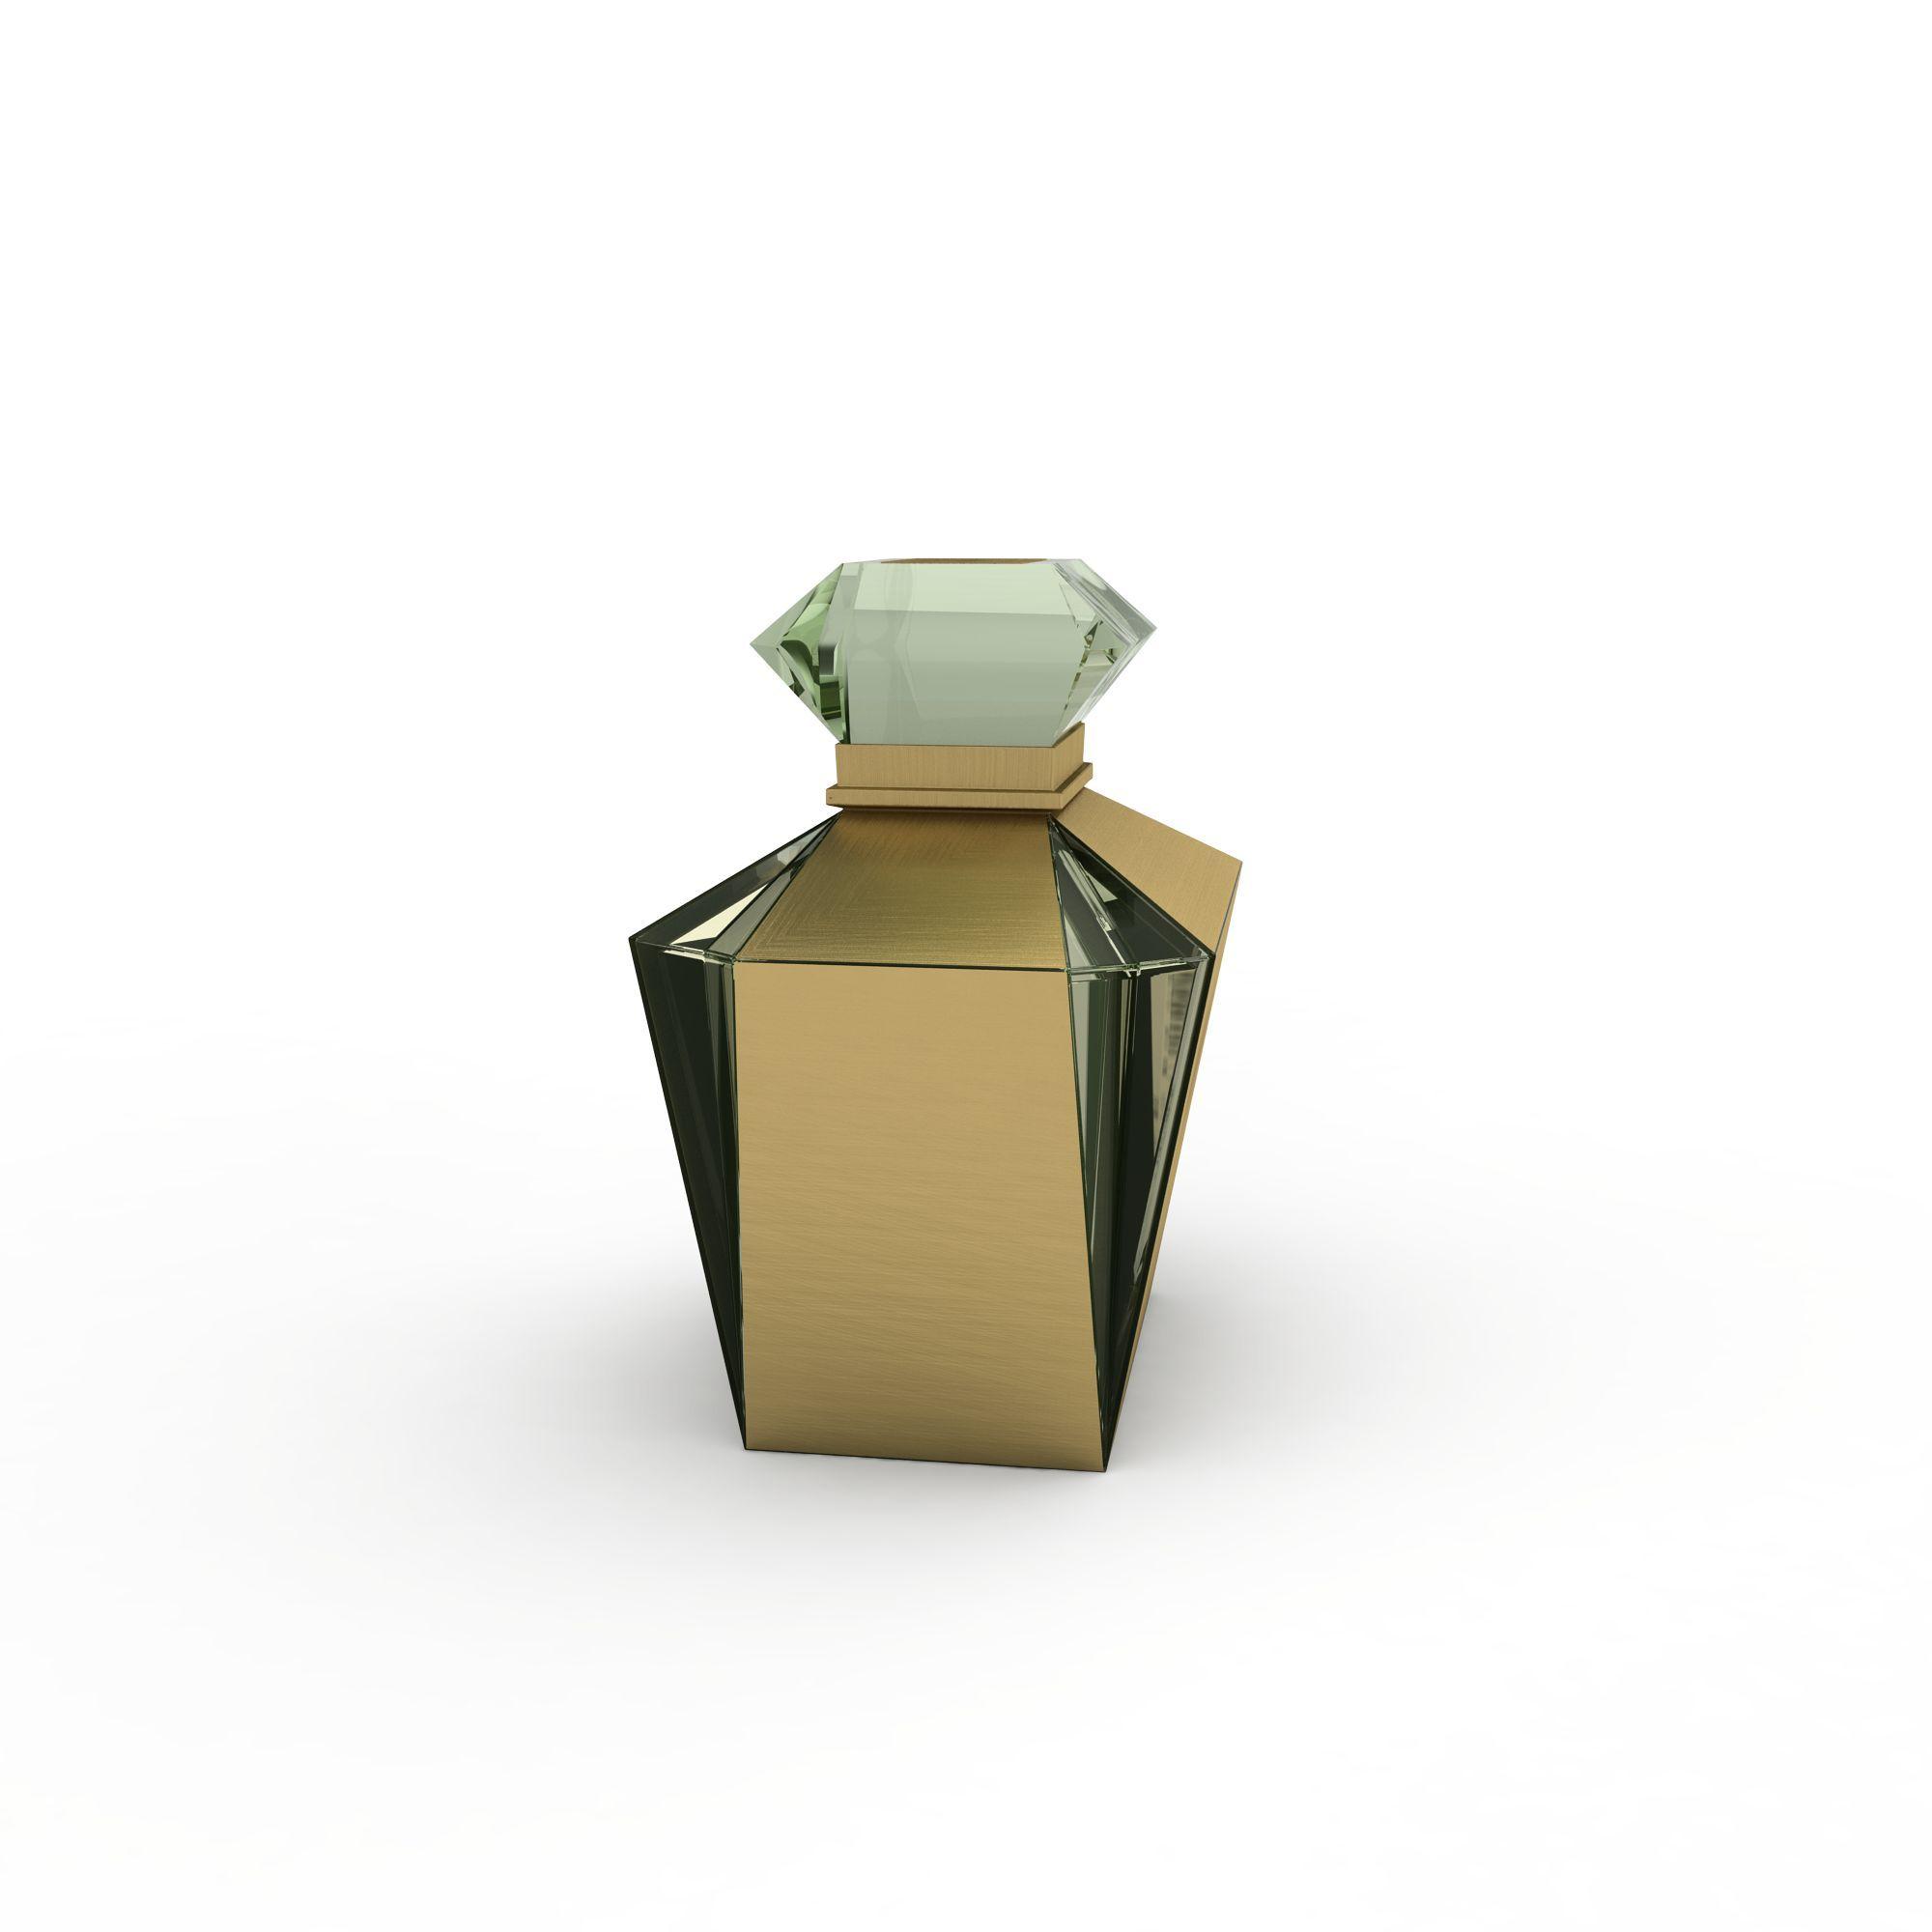 器皿 香水瓶3d模型 香水瓶png高清图  香水瓶高清图详情 设计师 3d